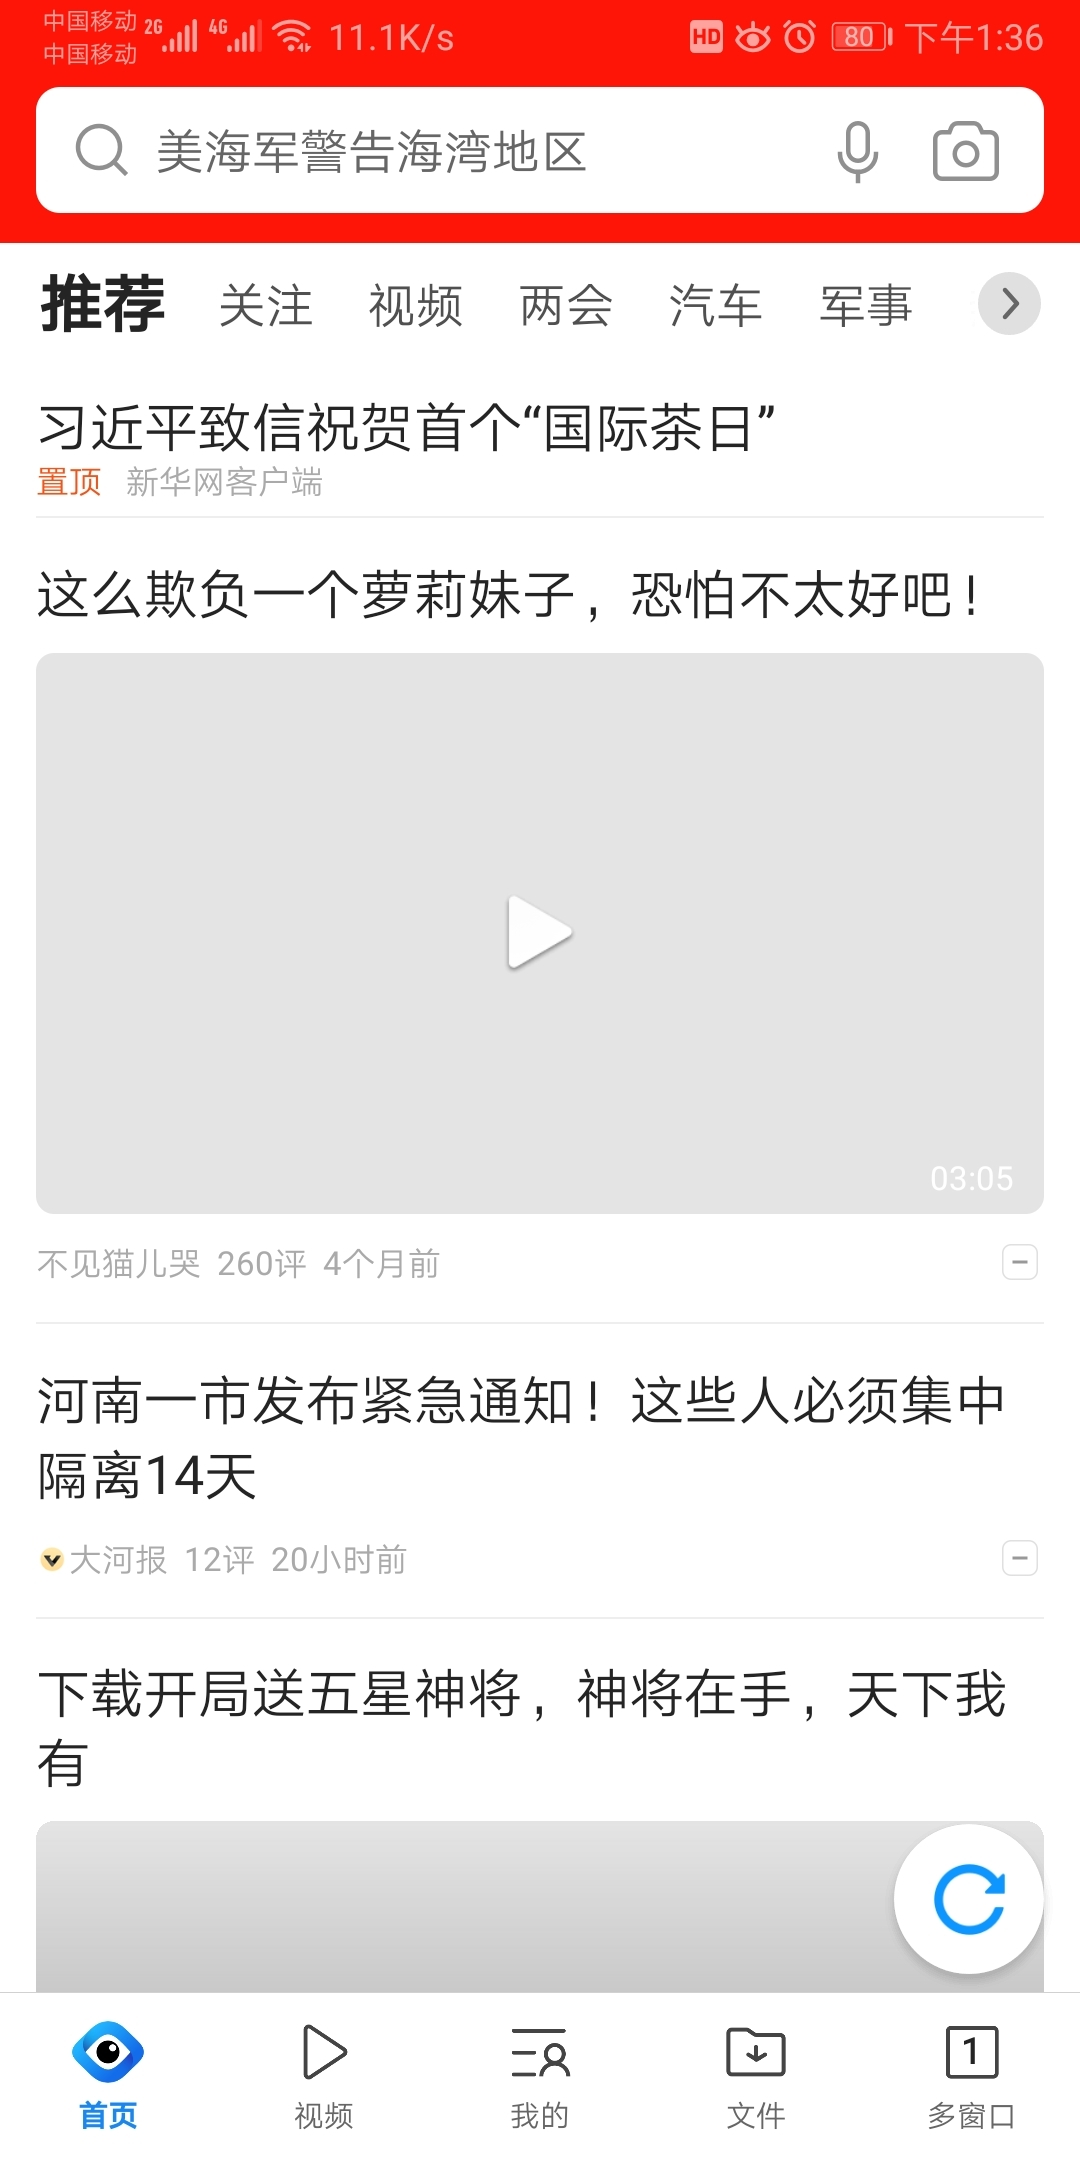 Screenshot_20200521_133649_com.tencent.mtt.jpg